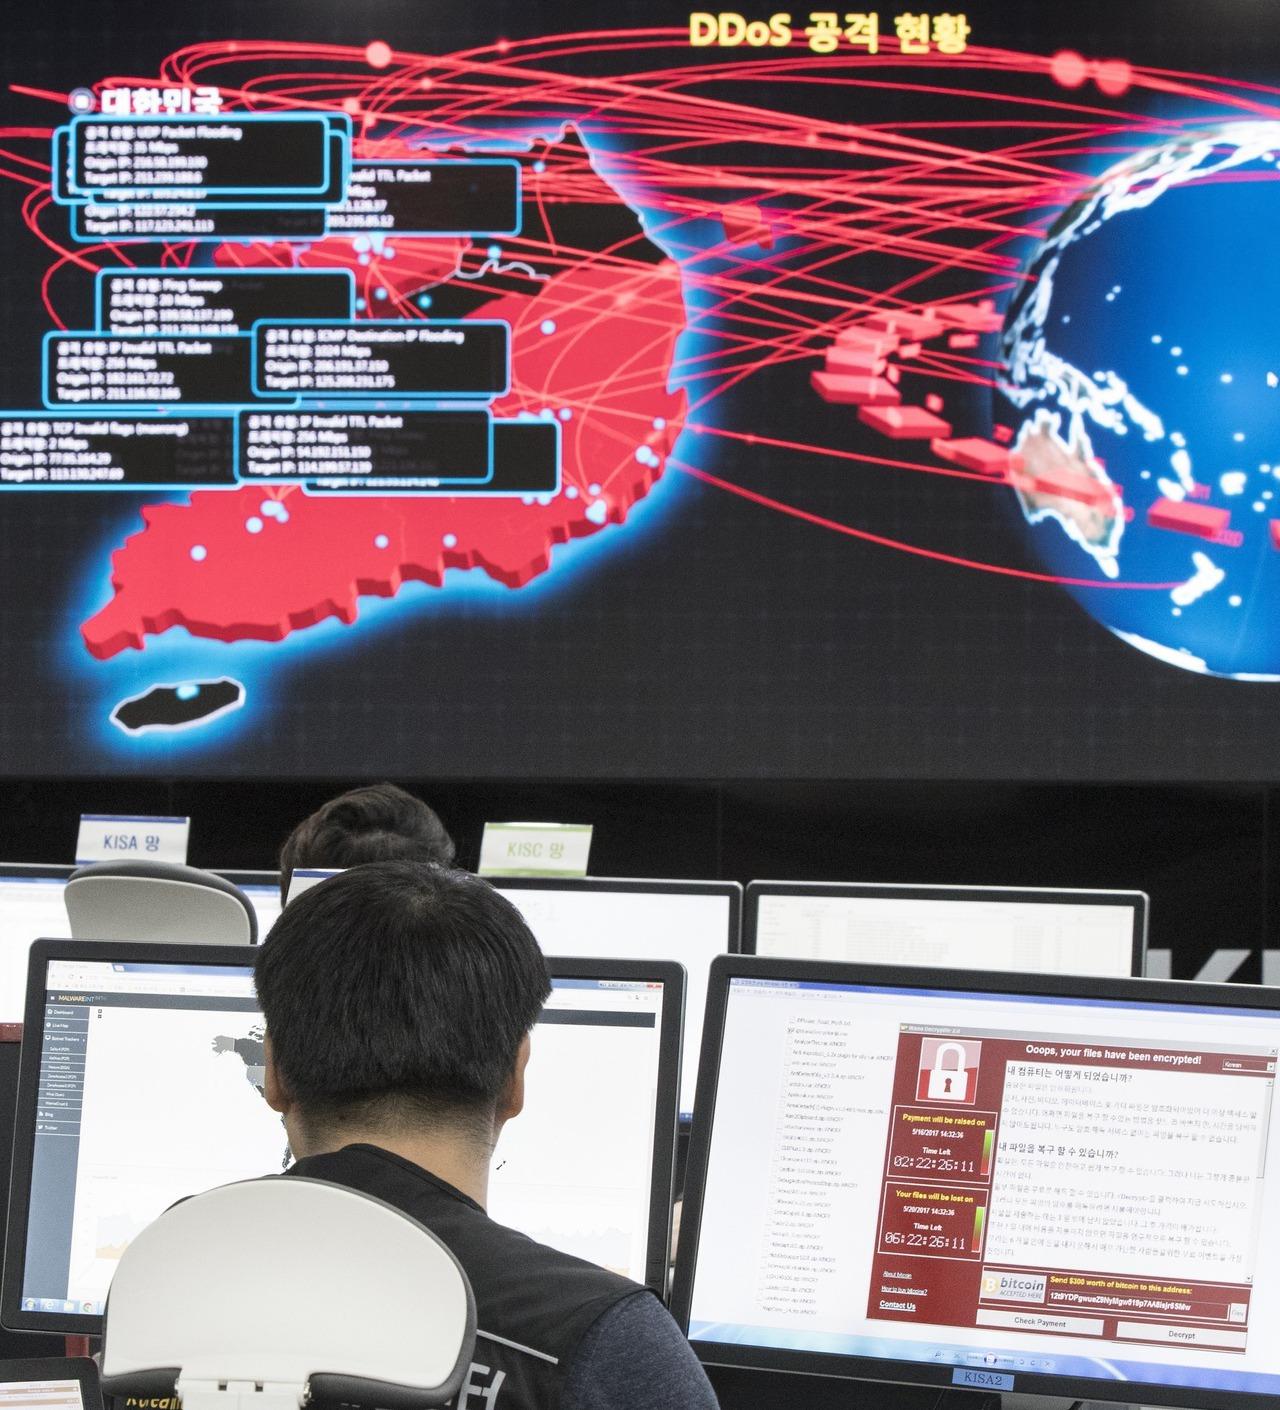 南韓網路安全局人員從電子看板監控勒索病毒在全世界的攻擊情形。(美聯社)